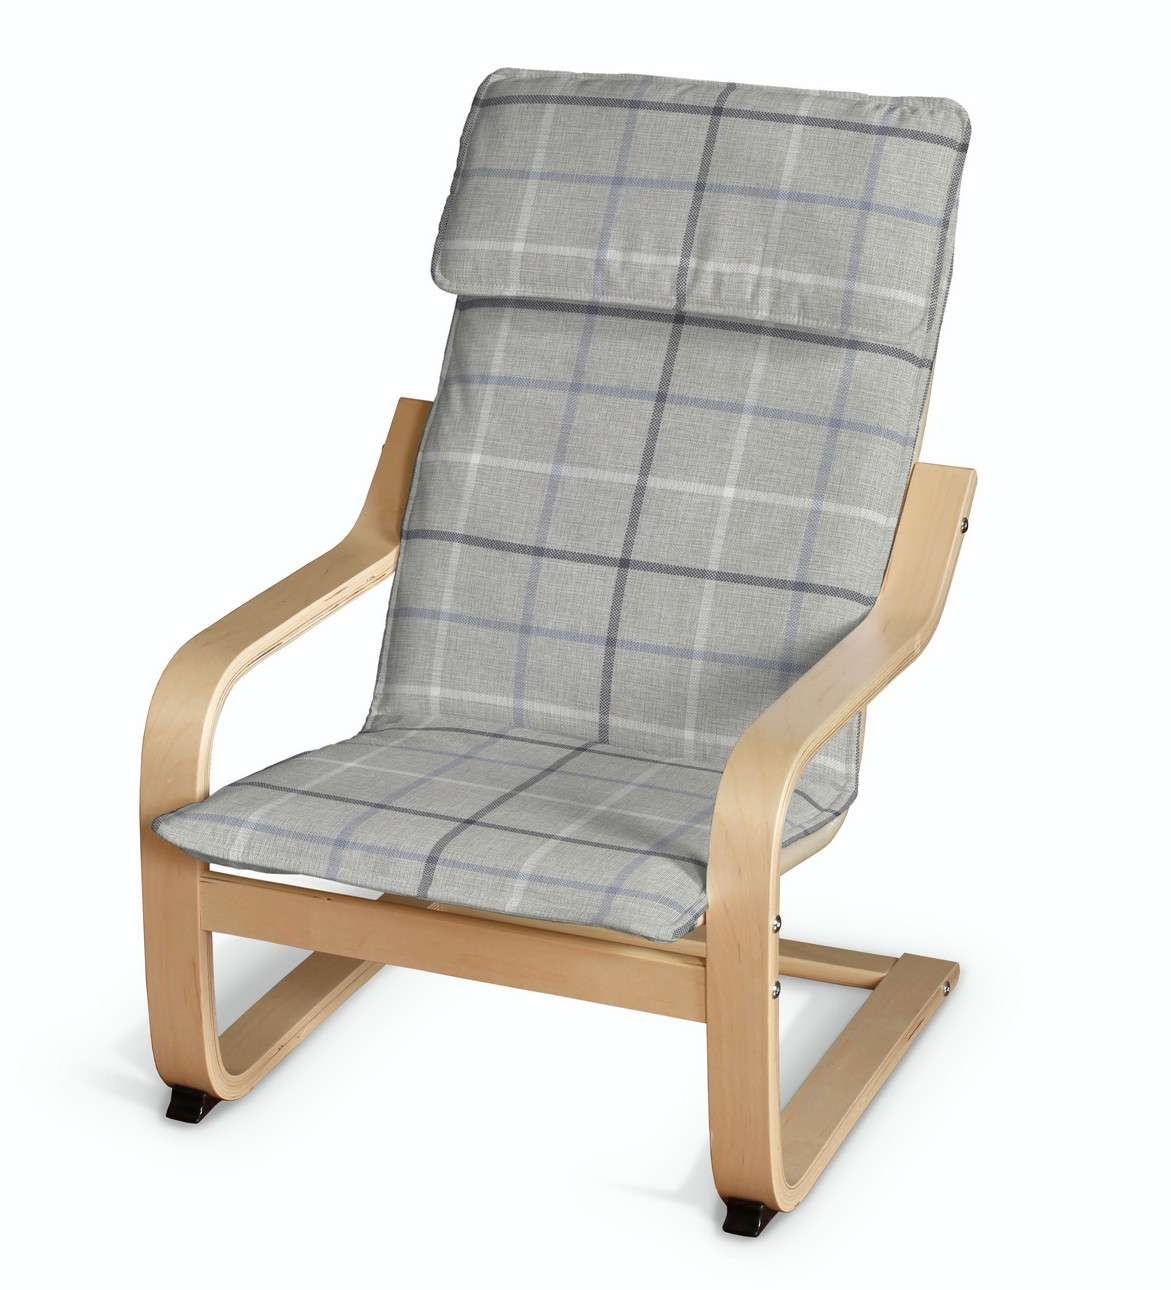 Poduszka na fotelik dziecięcy Poäng w kolekcji Edinburgh, tkanina: 703-18